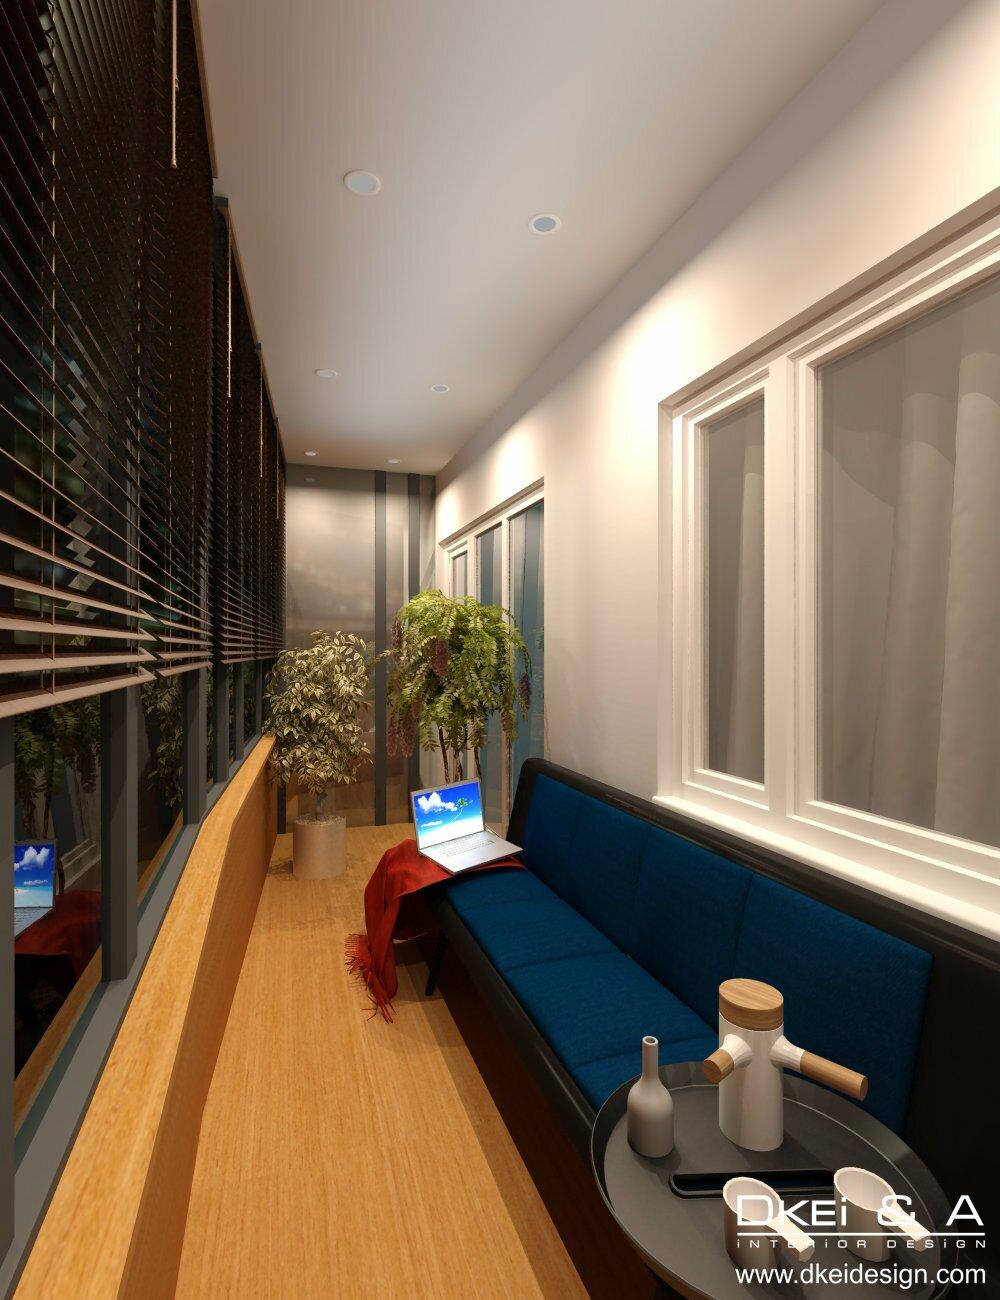 Кухня в стиле хай-тек - фото и дизайн на vivbo.ru.